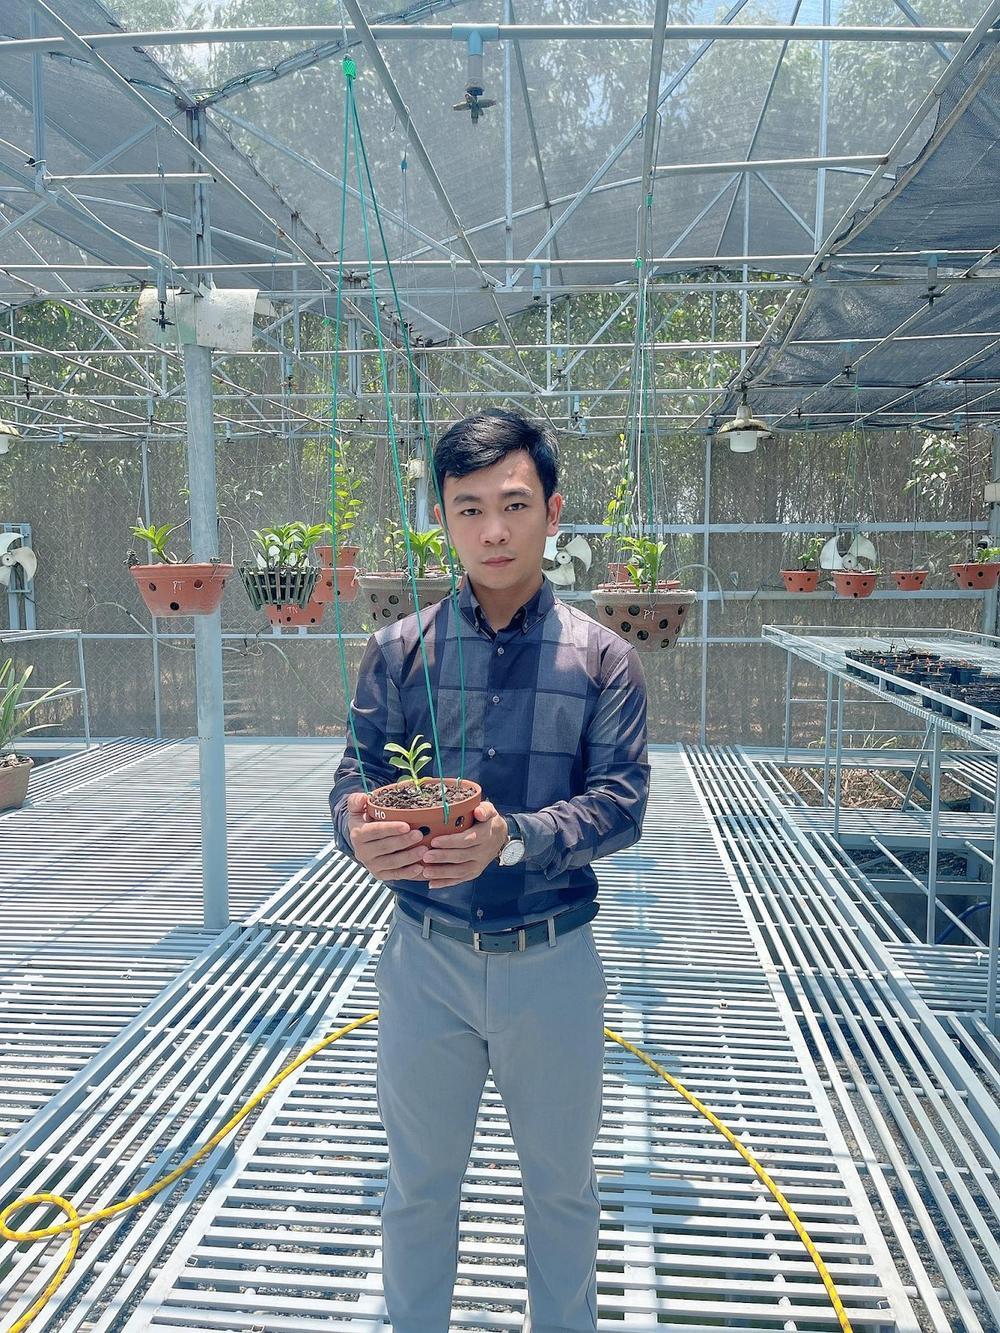 Nghệ nhân hoa lan Trần Quốc Hoà: Hành trình khởi nghiệp thành công đến từ niềm đam mê mãnh liệt với hoa lan Ảnh 1